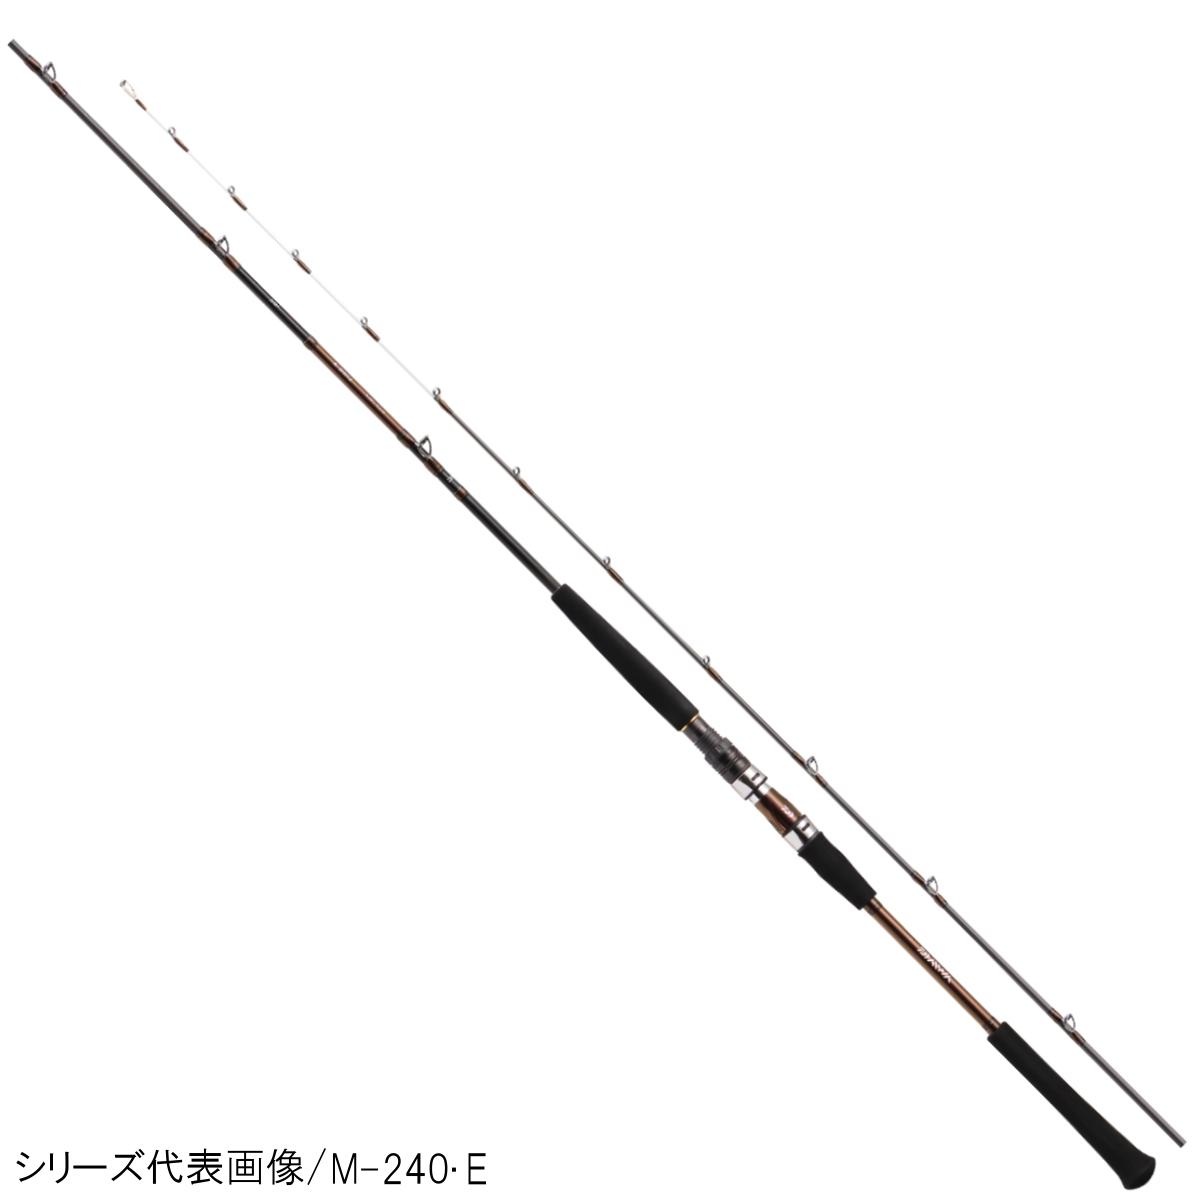 ダイワ A-ブリッツ ネライ MH-180・E(東日本店)